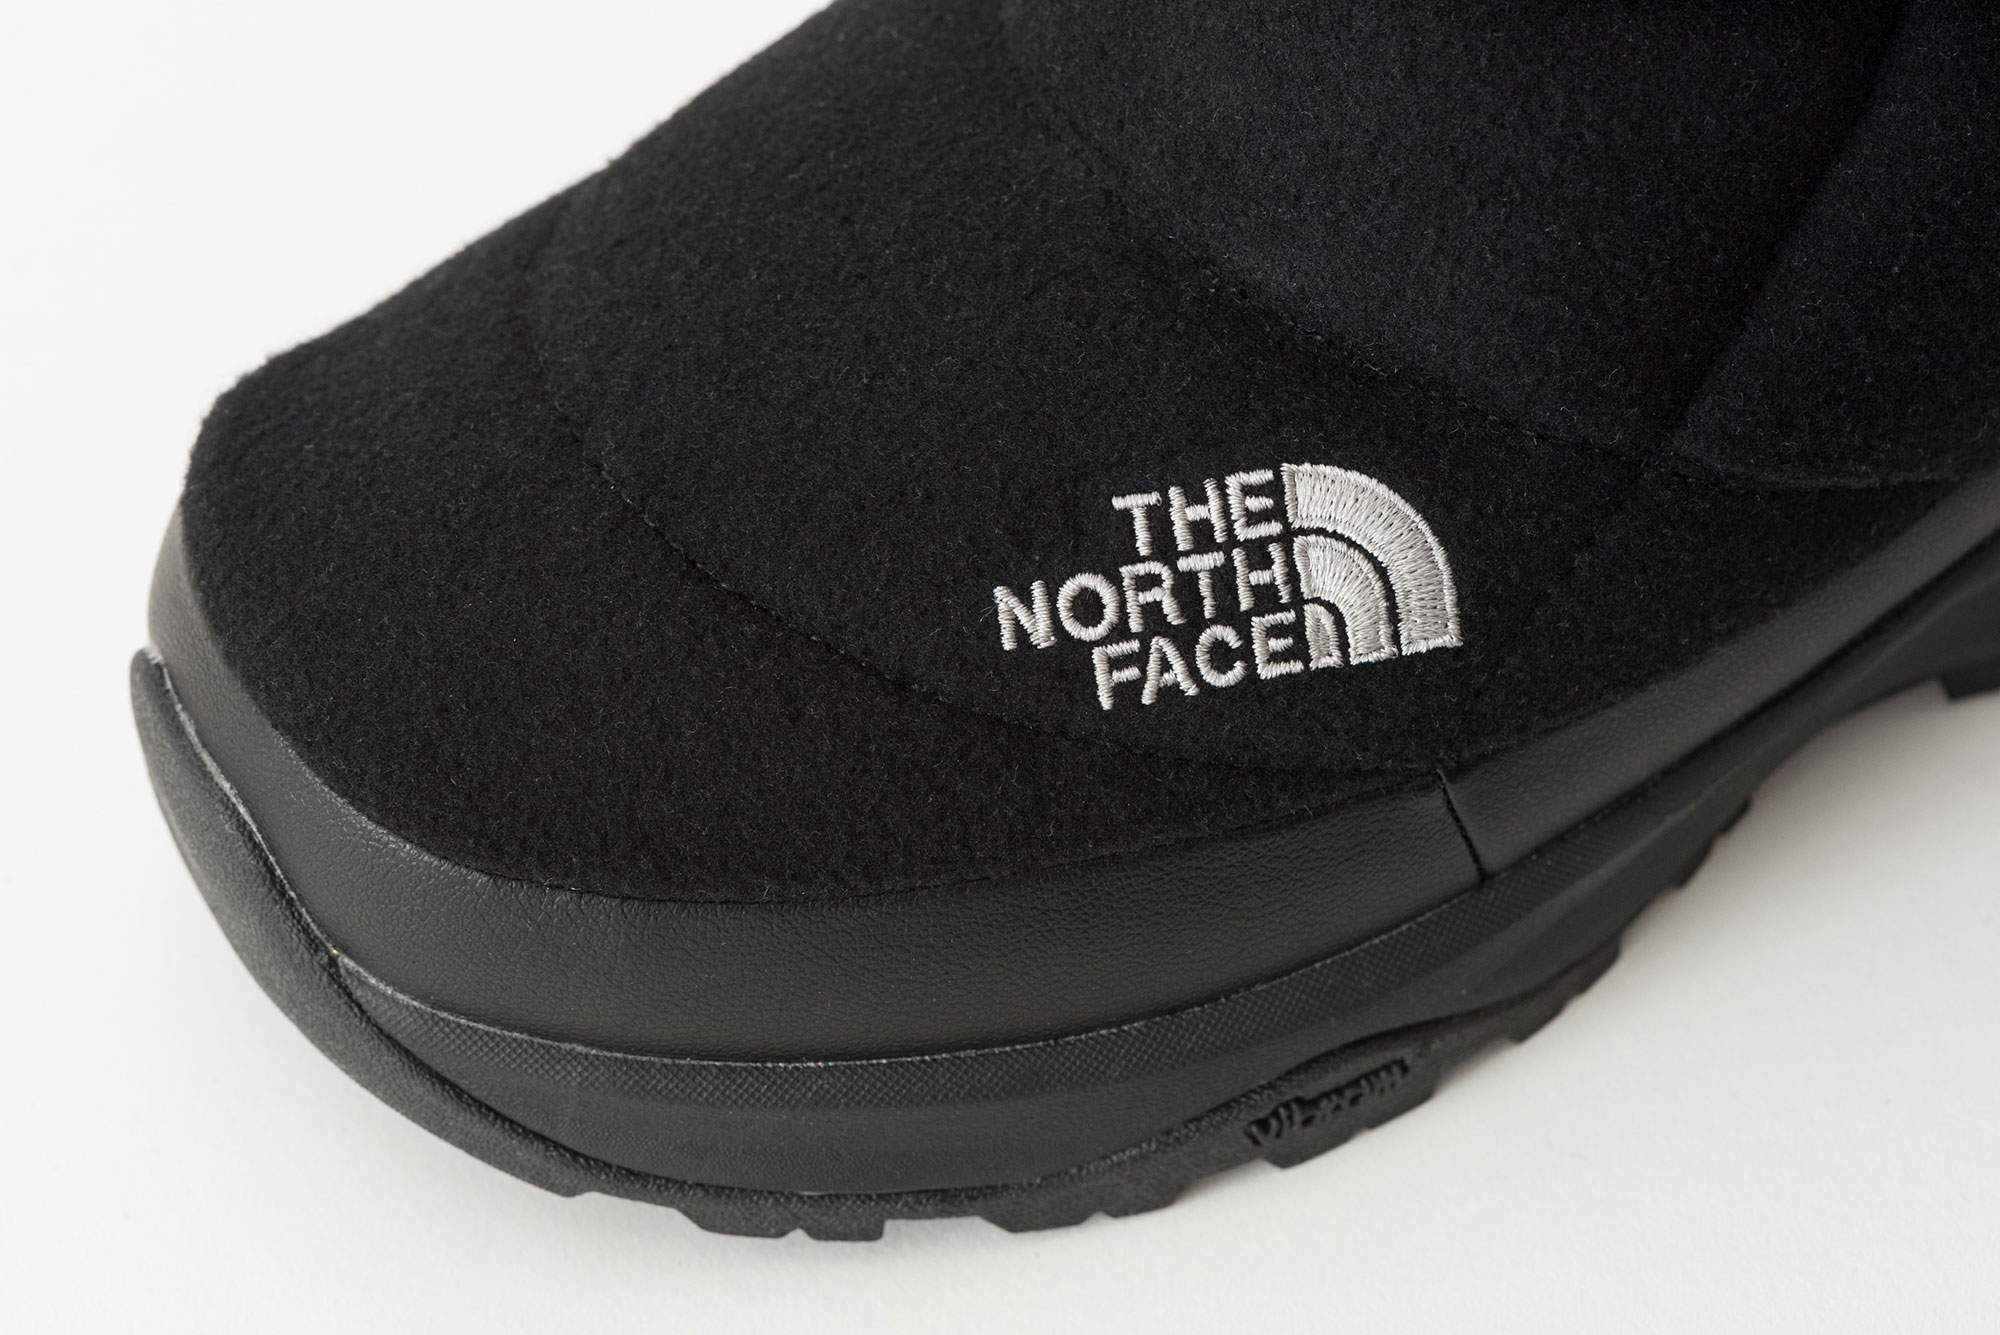 THE NORTH FACE ヌプシ ブーティー  ウール V